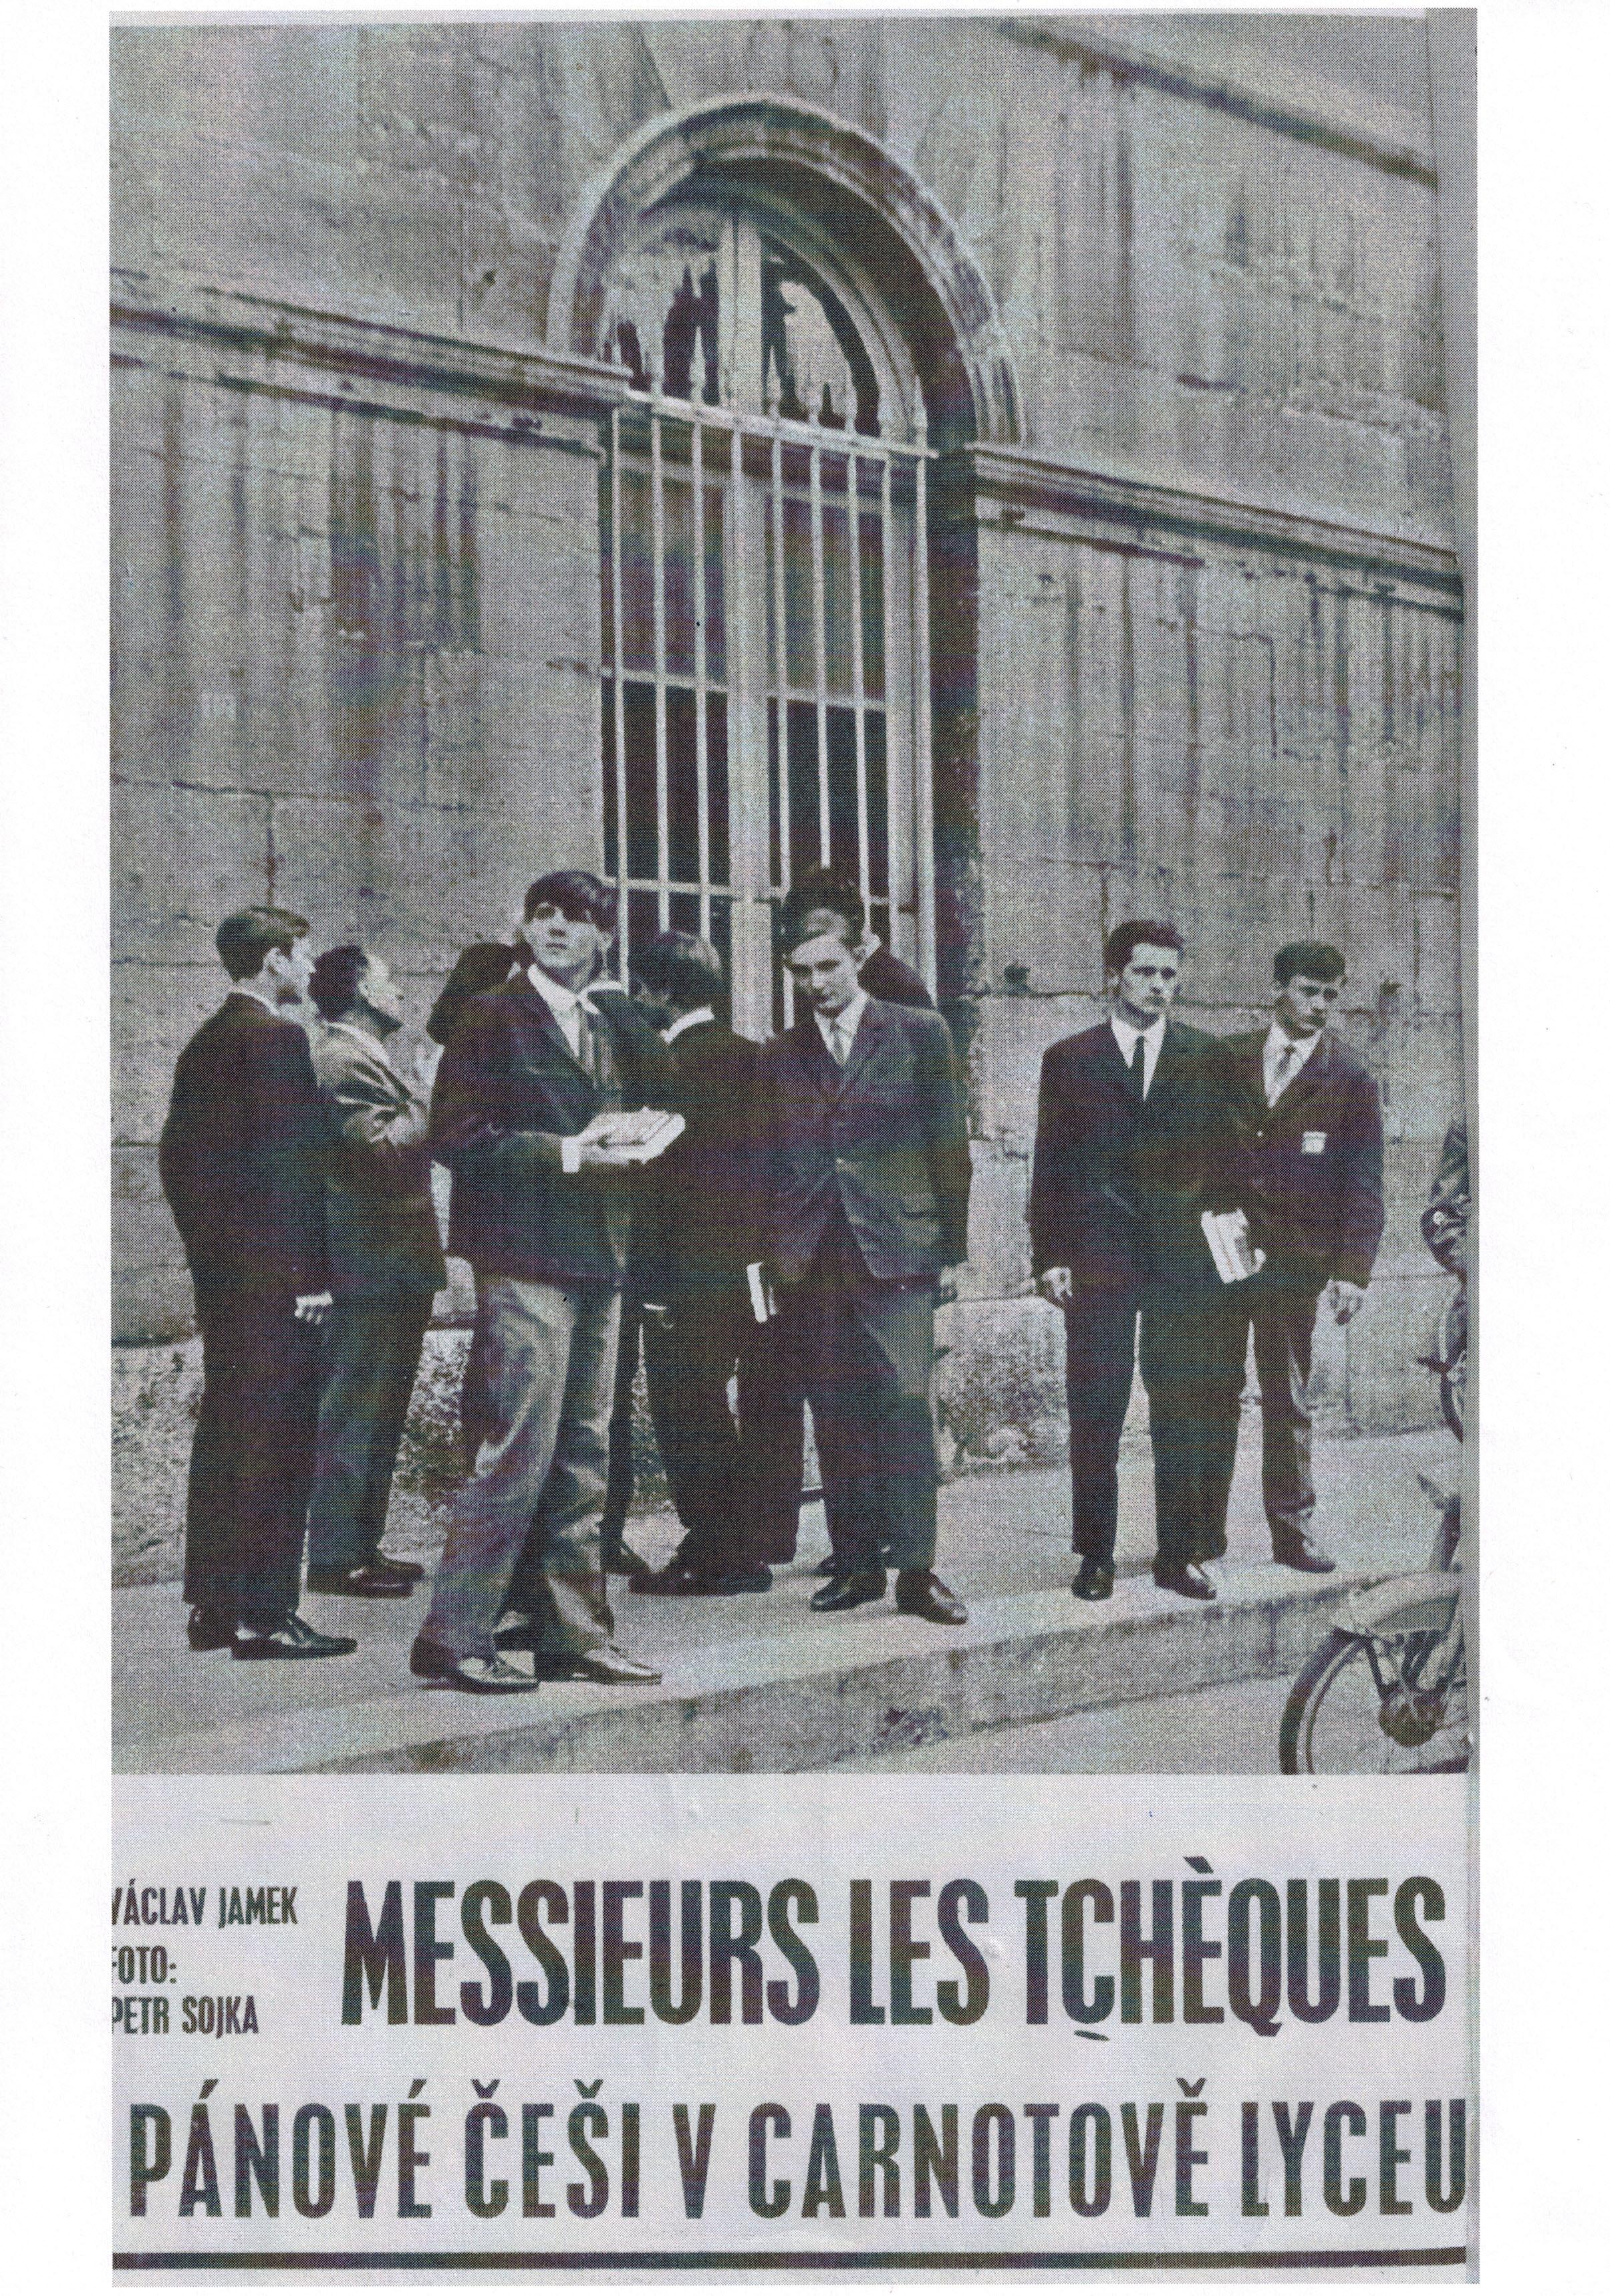 Pánové Češi v Carnotově lyceu – článek z roku 1967!